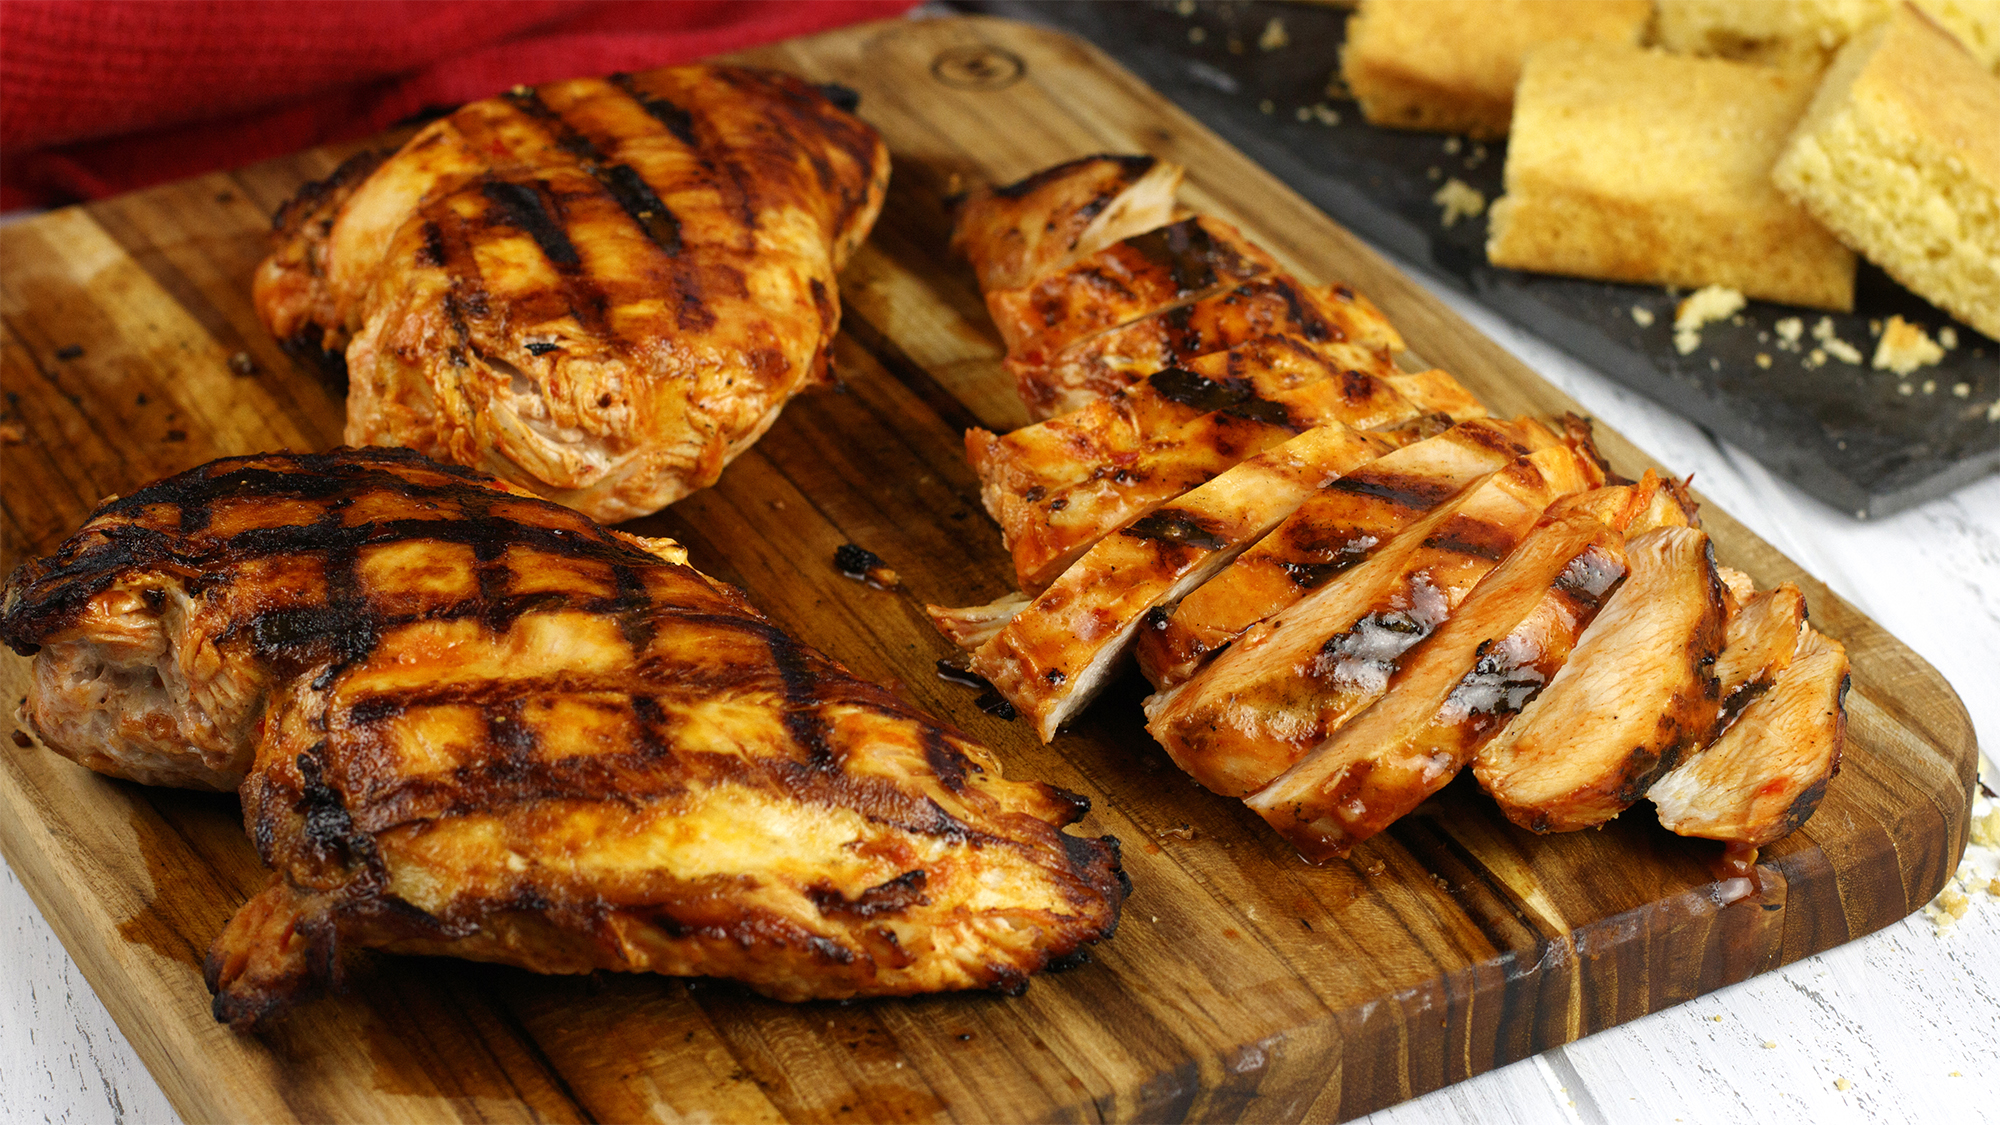 Zatarain's Cajun Hot Grilled Chicken